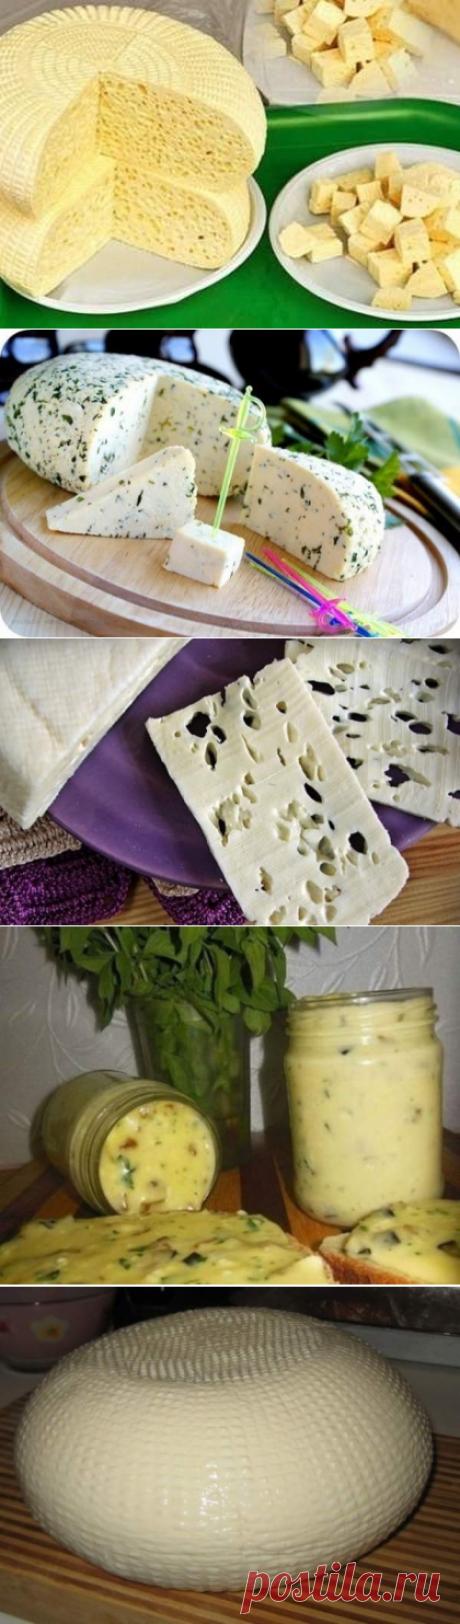 Домашние сыры - 20 вариантов приготовления - Простые рецепты Овкусе.ру